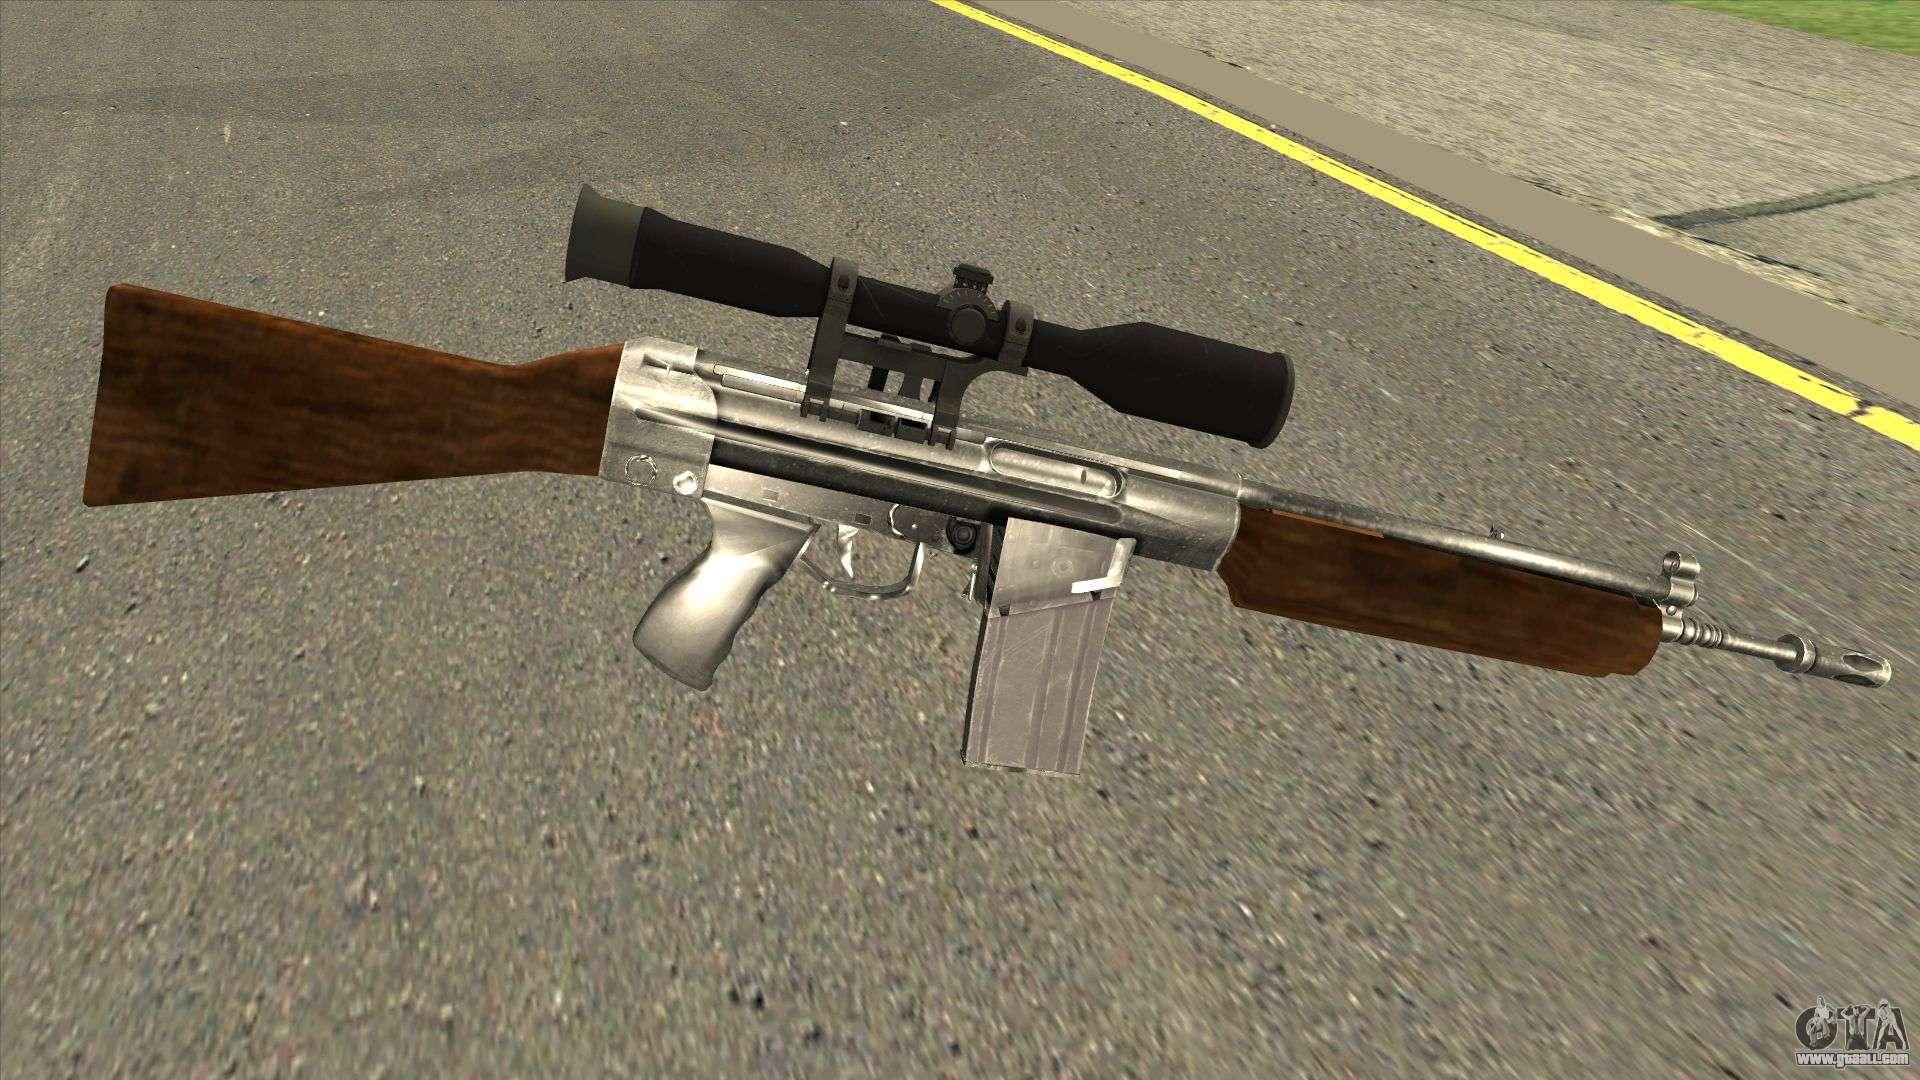 Where can I find a minigun in GTA